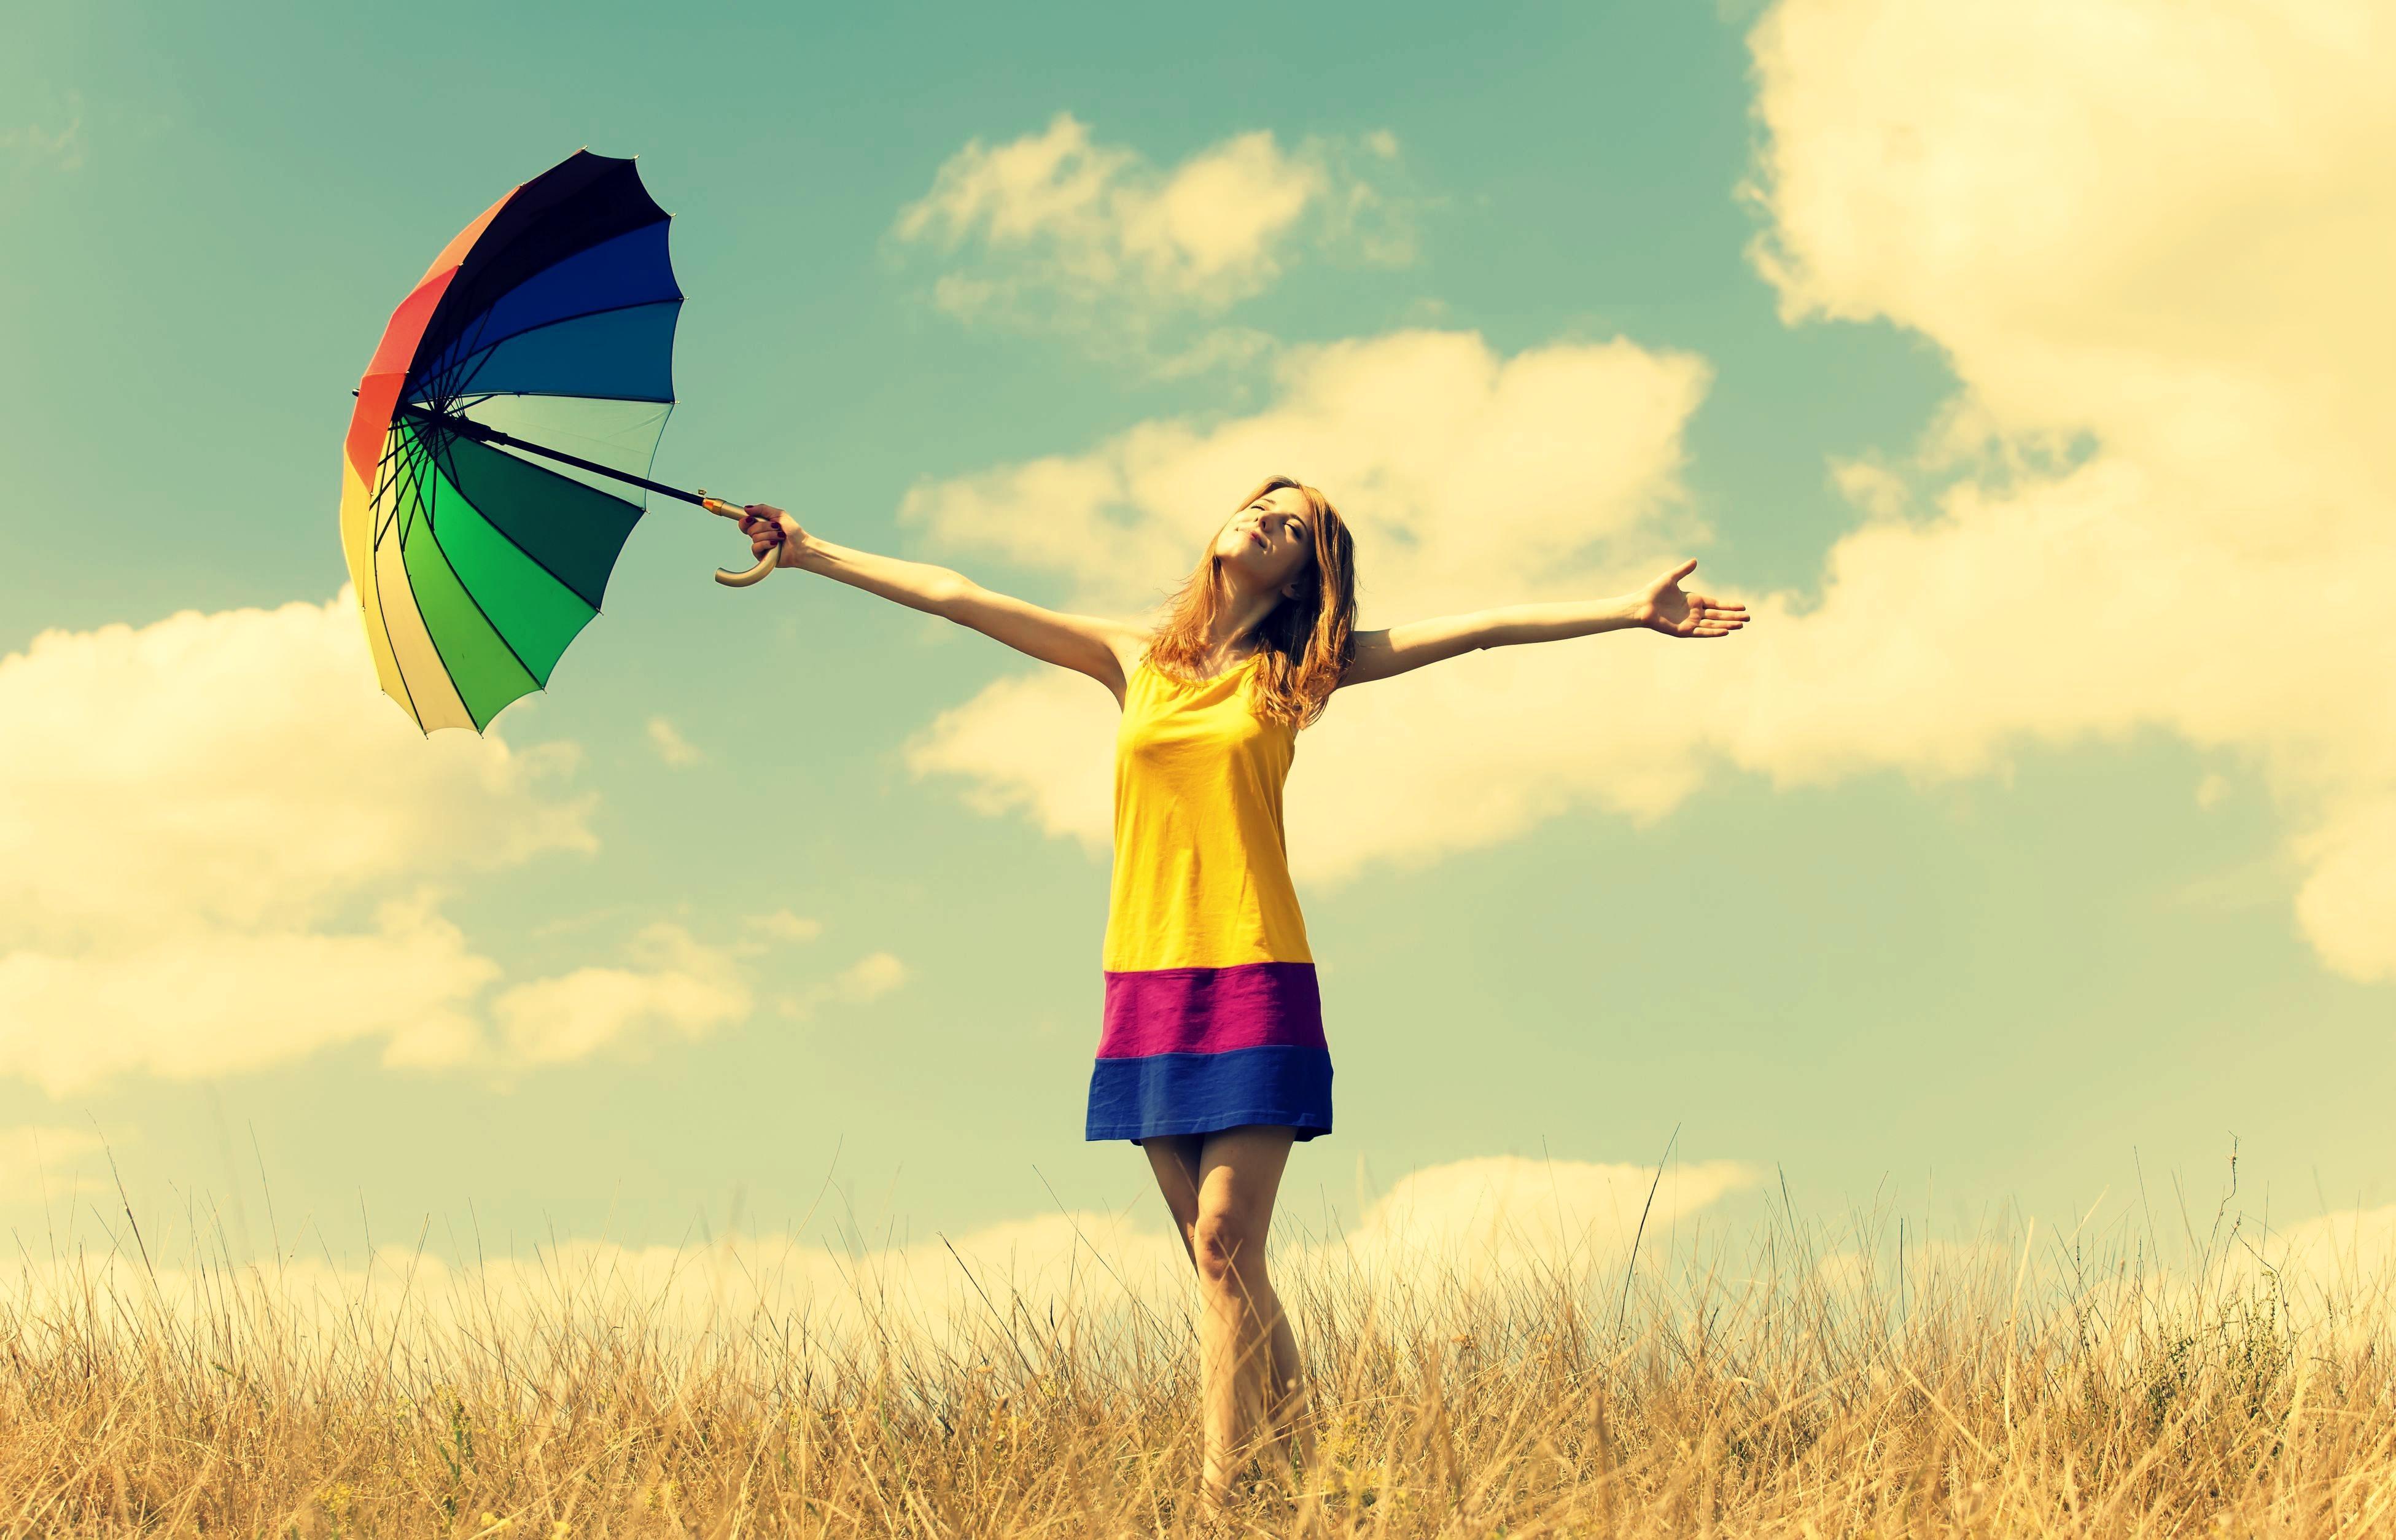 счастье, девушка с зонтиком радуется жизни